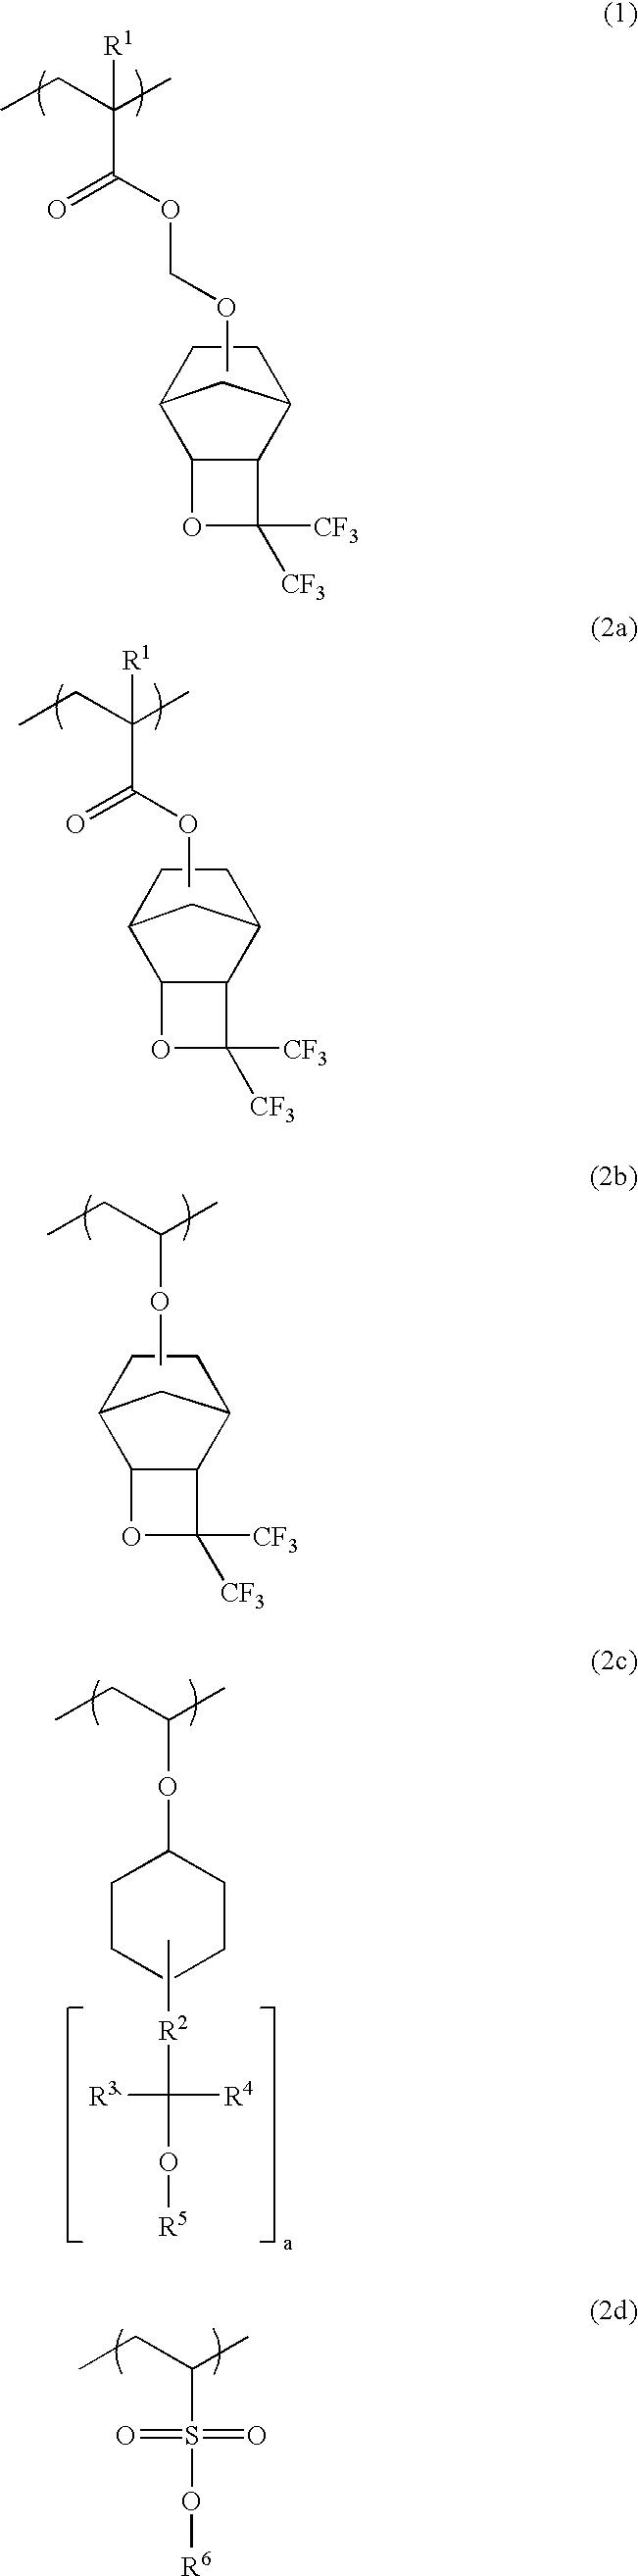 Figure US20050106499A1-20050519-C00033